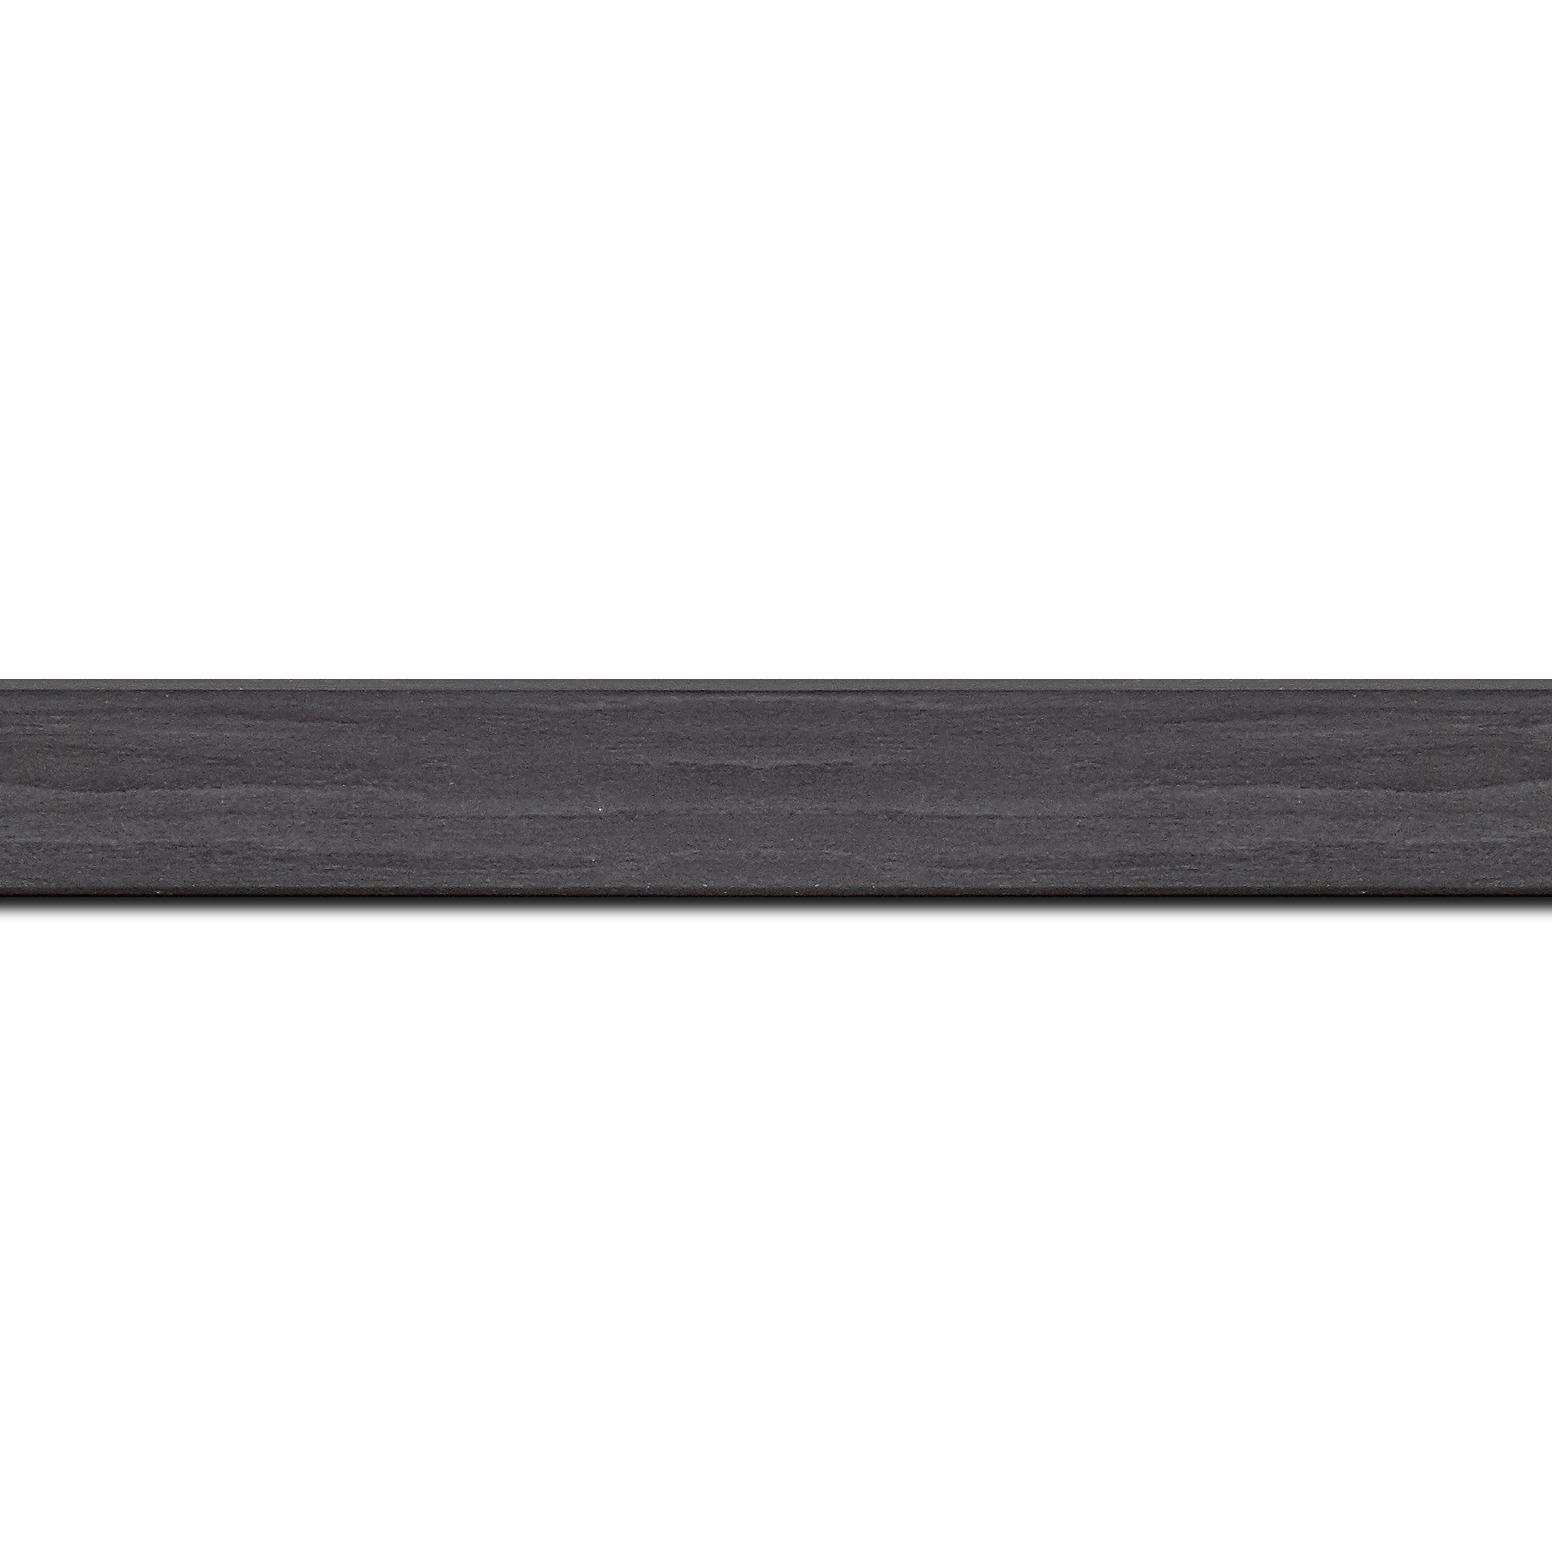 Pack par 12m, bois profil plat largeur 2.6cm hauteur 5cm décor bois noir ébène(longueur baguette pouvant varier entre 2.40m et 3m selon arrivage des bois)